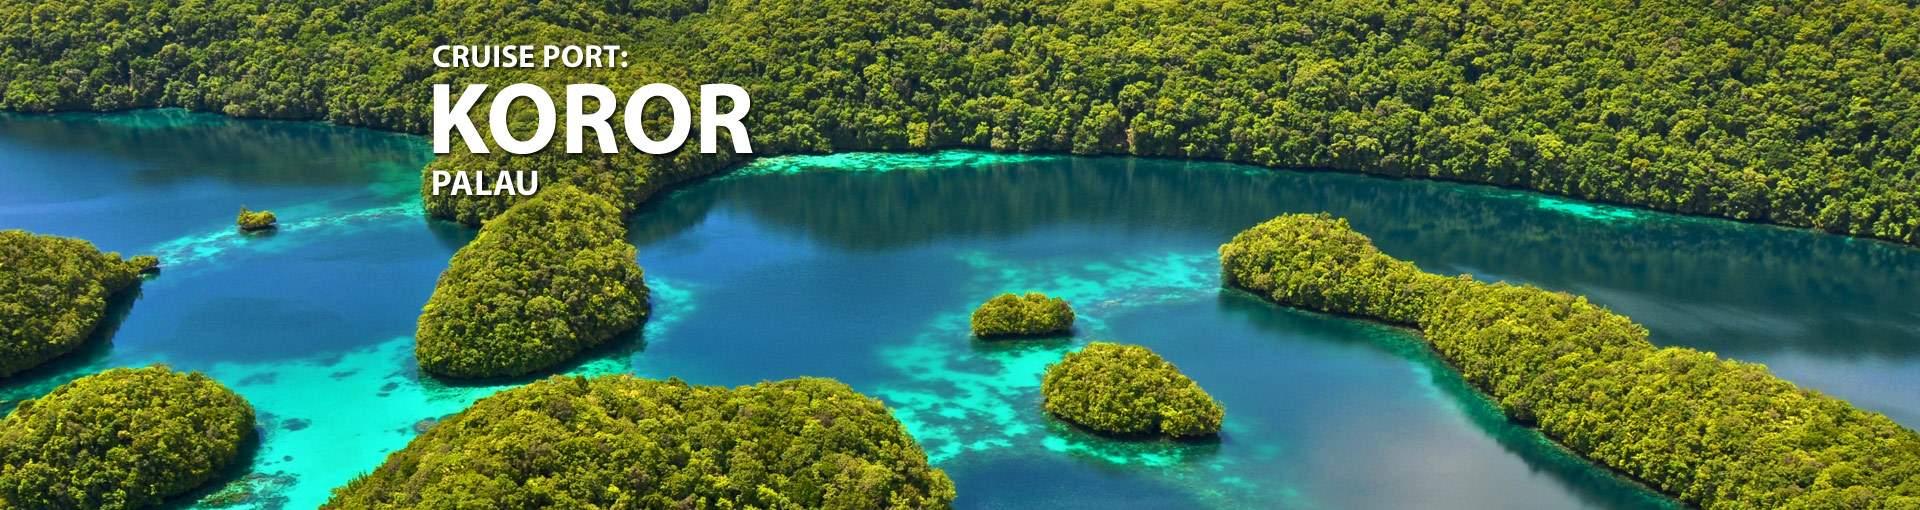 Cruises from Koror, Palau